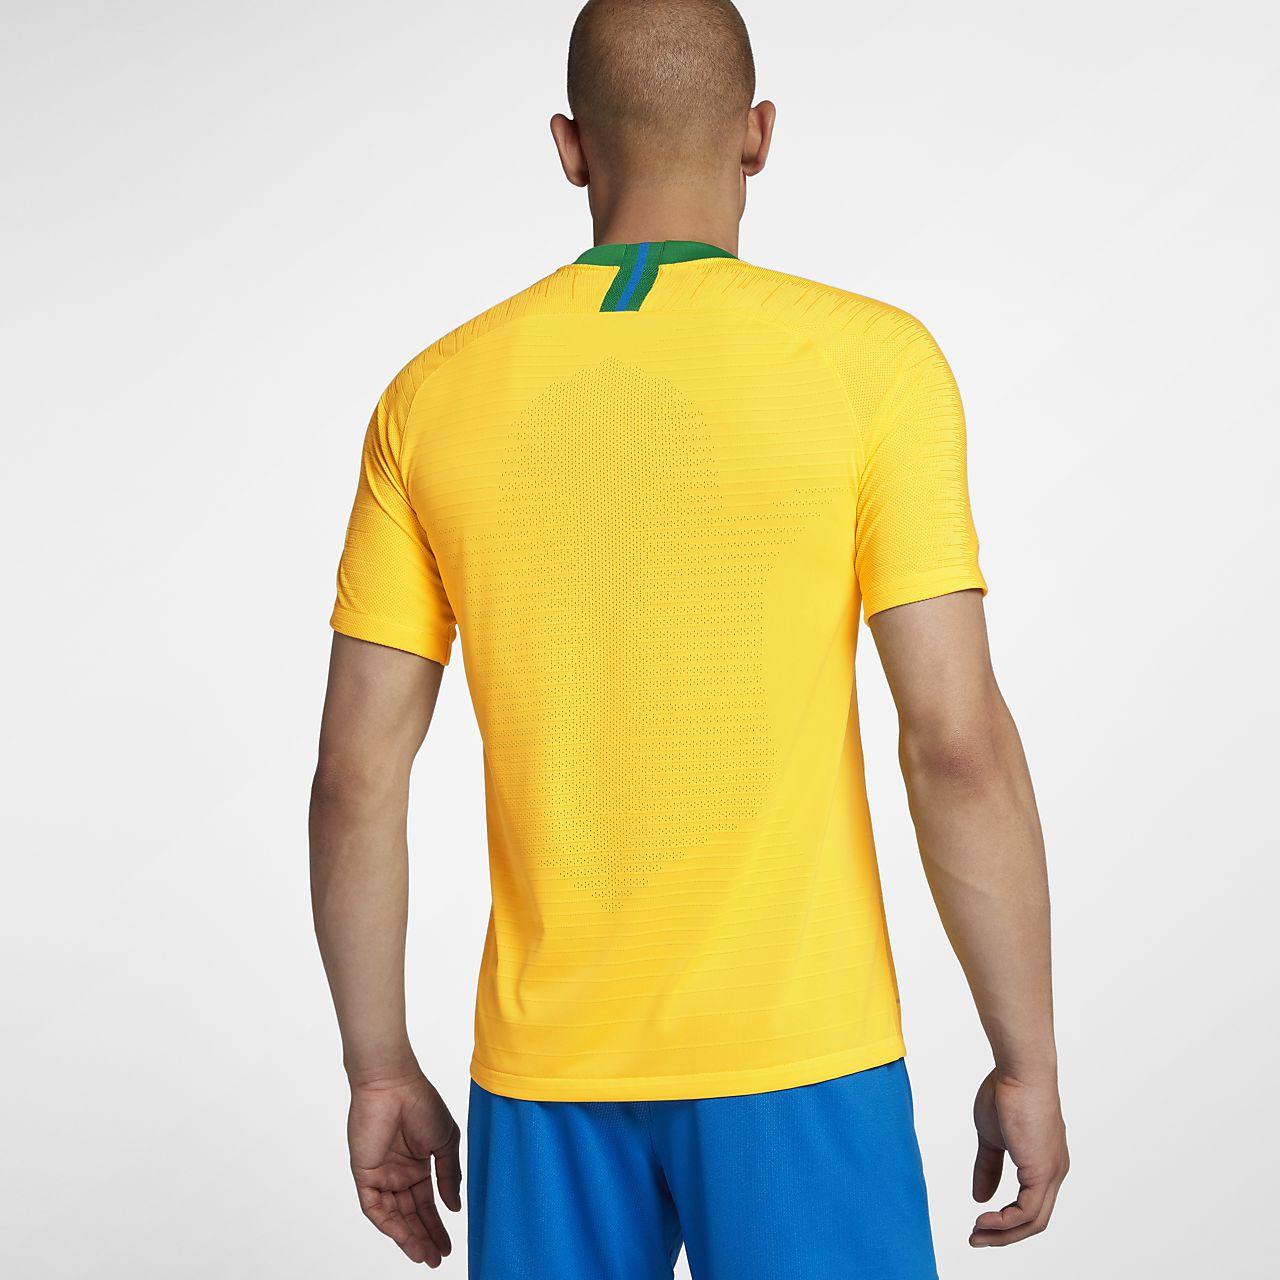 e3f1c814c9d8 2018 Brazil CBF Vapor Match Home Men s Football Shirt. Nike.com SK